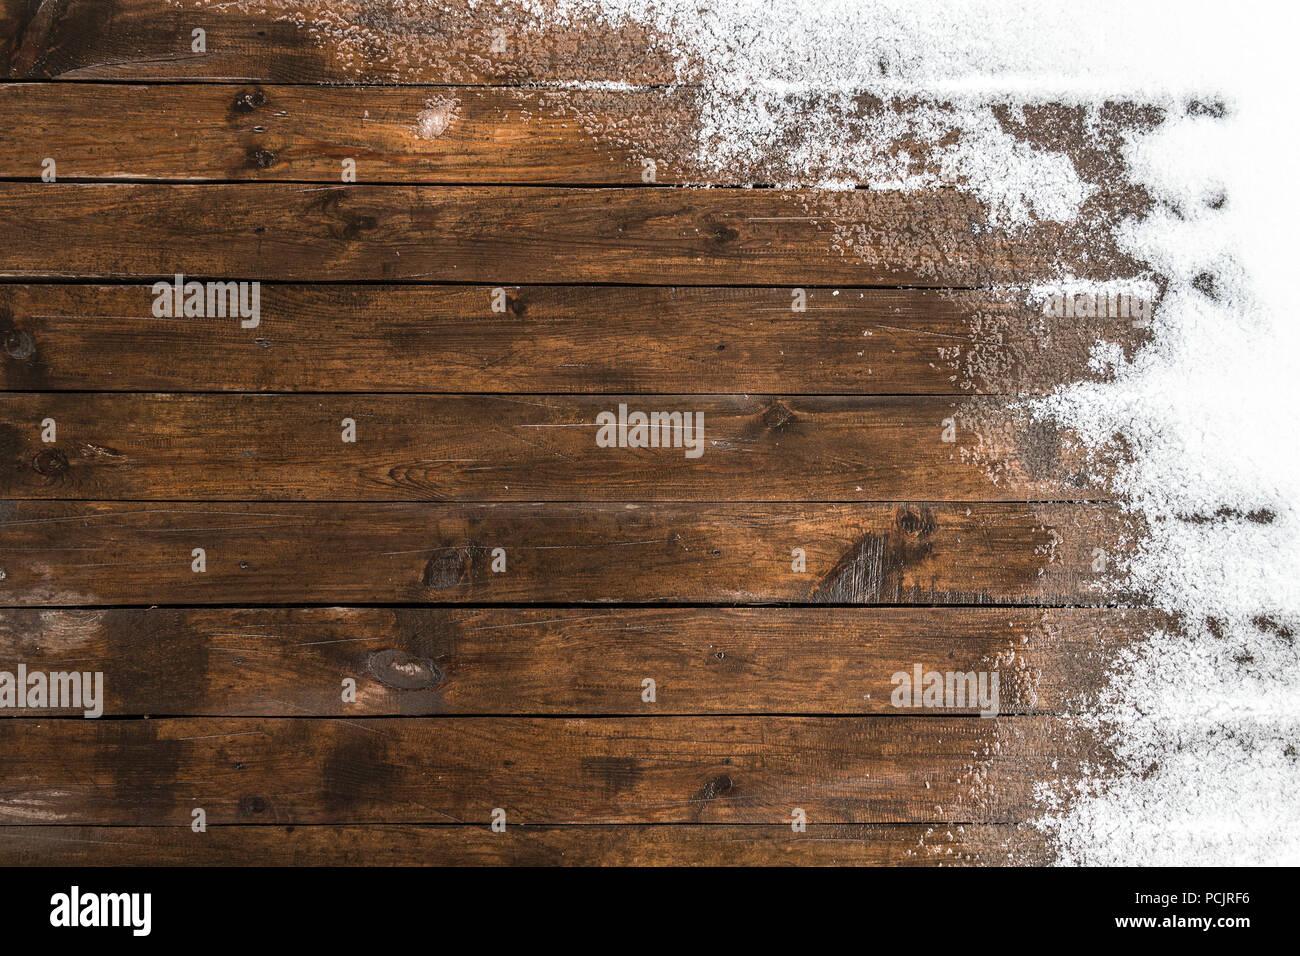 Descongelar En El Piso De Madera Terraza En El Patio Foto